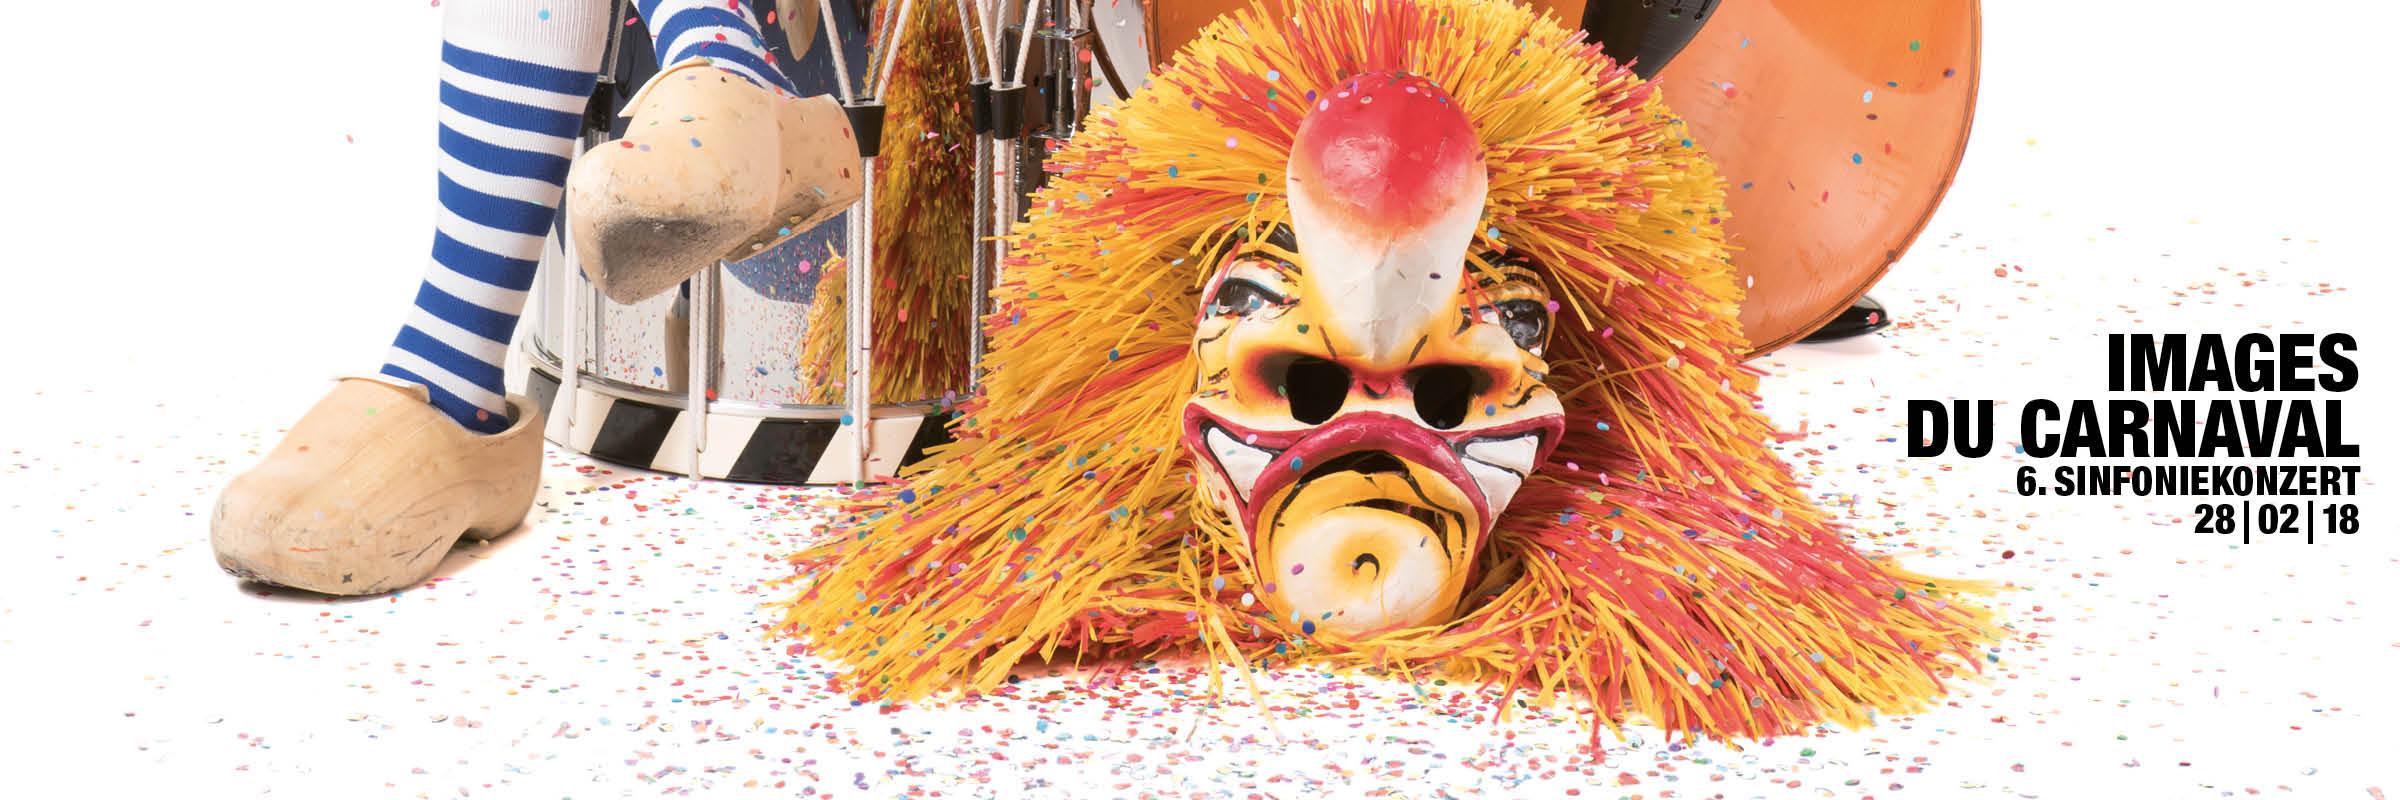 Images du carnaval